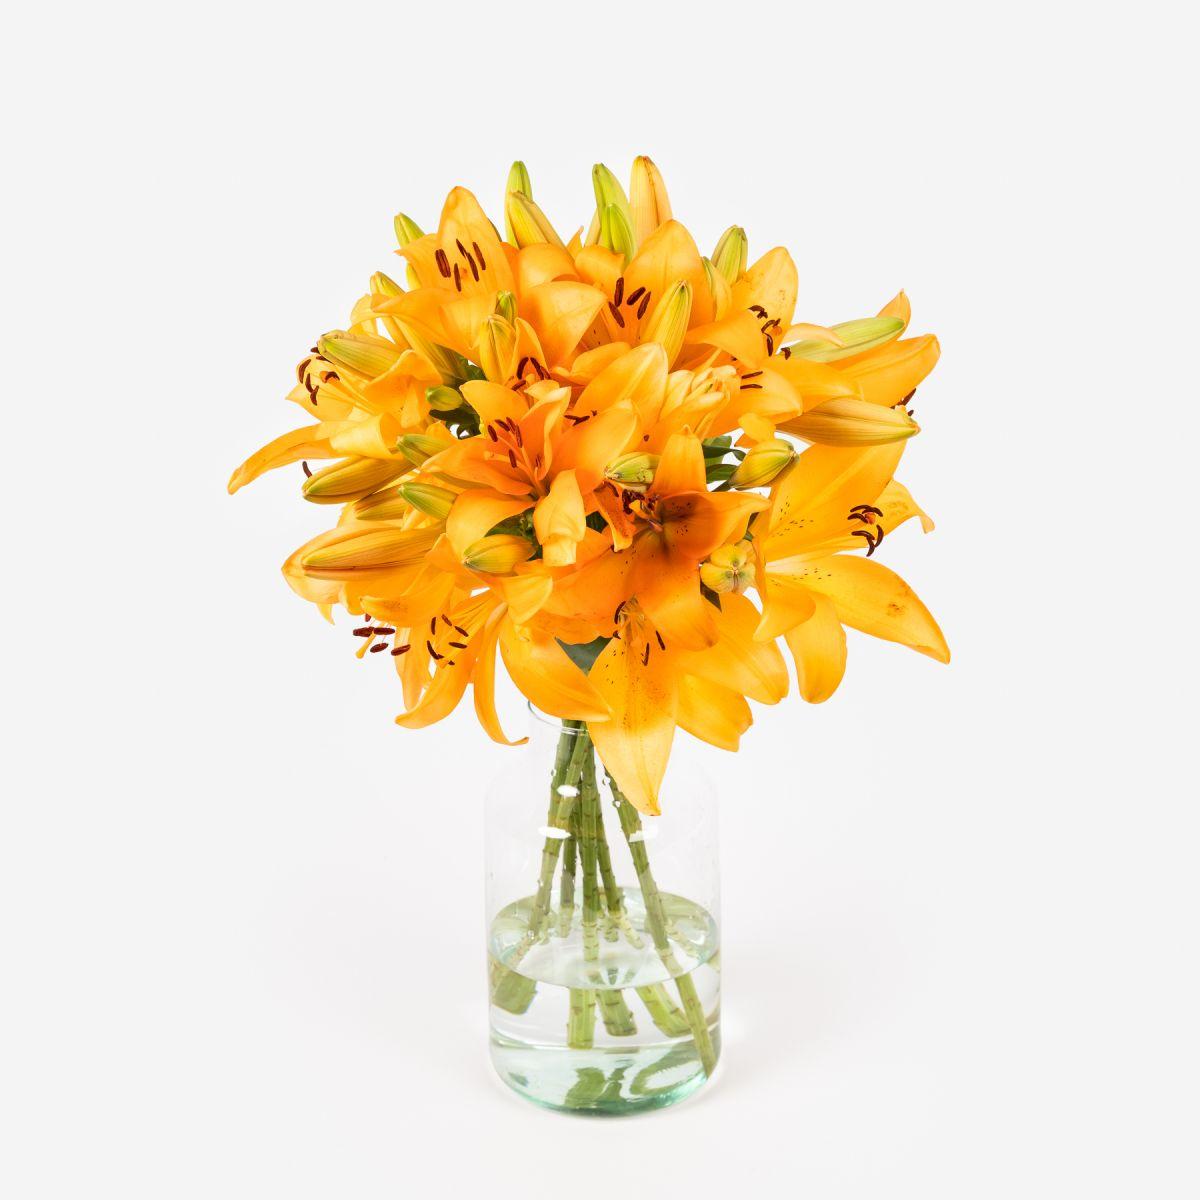 Mazzo di Gigli Arancioni - Honesty - Fiori a domicilio - Colvin